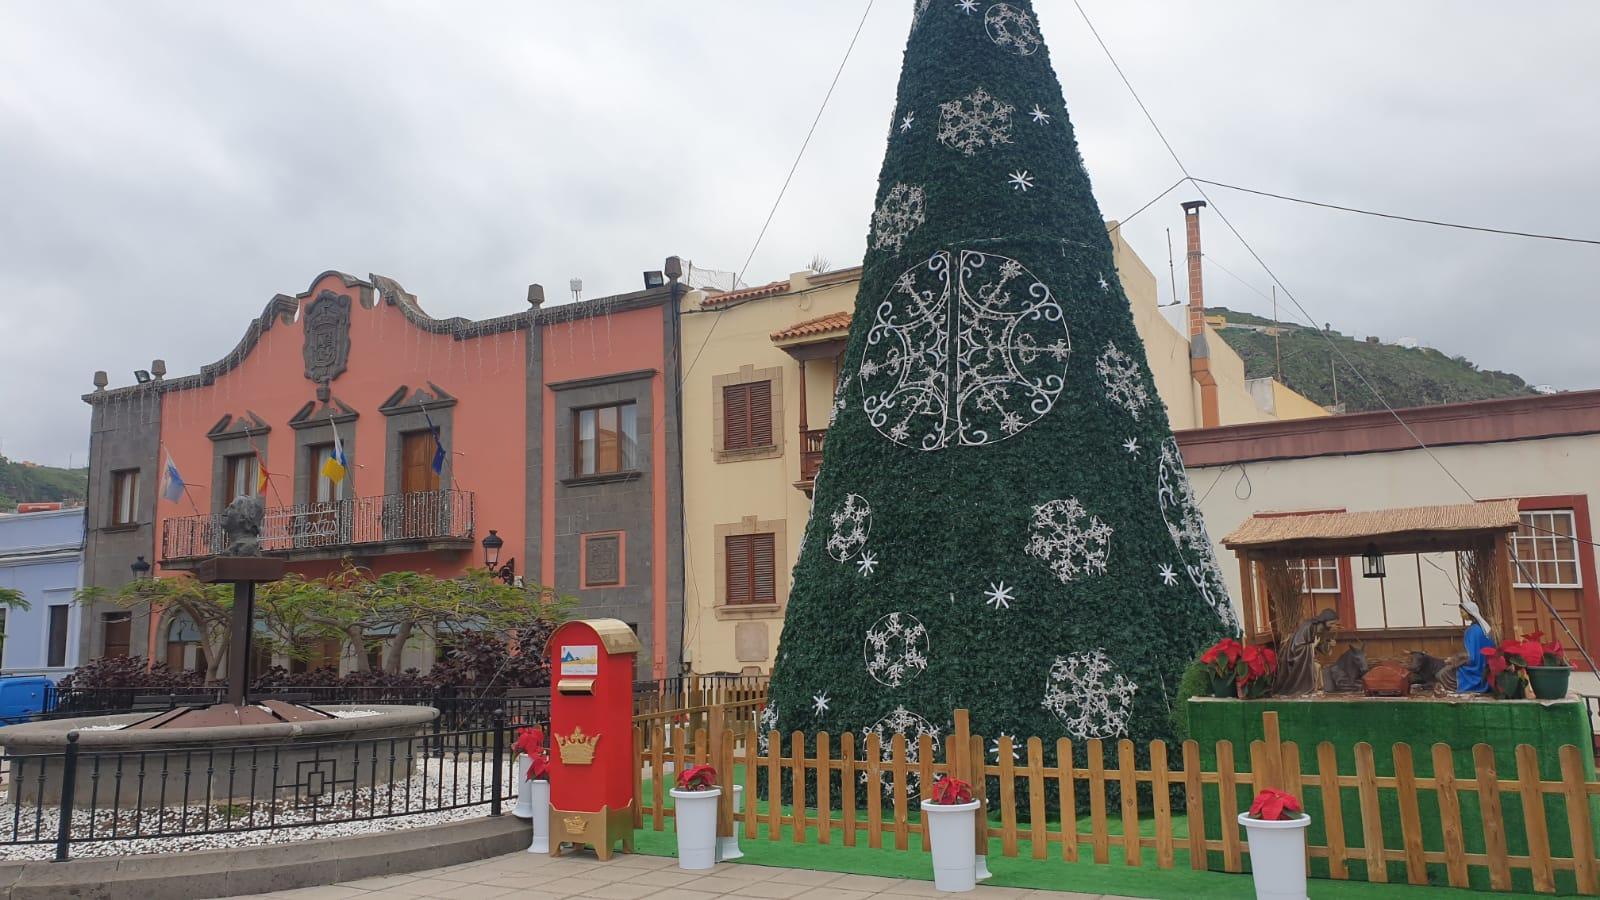 Buzones para los Reyes Magos en Guía / CanariasNoticias